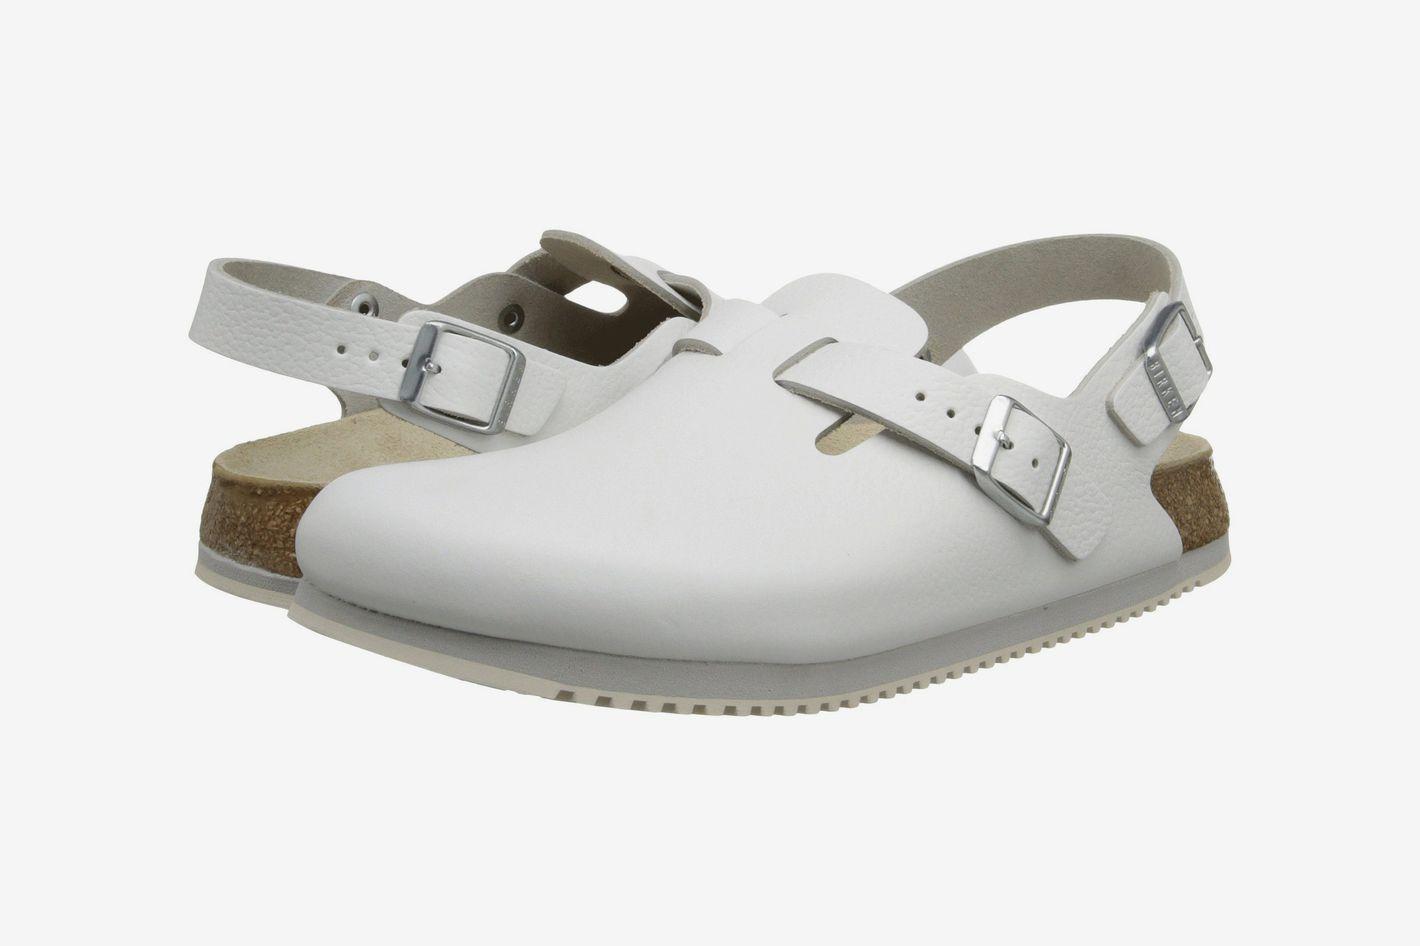 Birkenstock Tokyo Super Grip White Leather